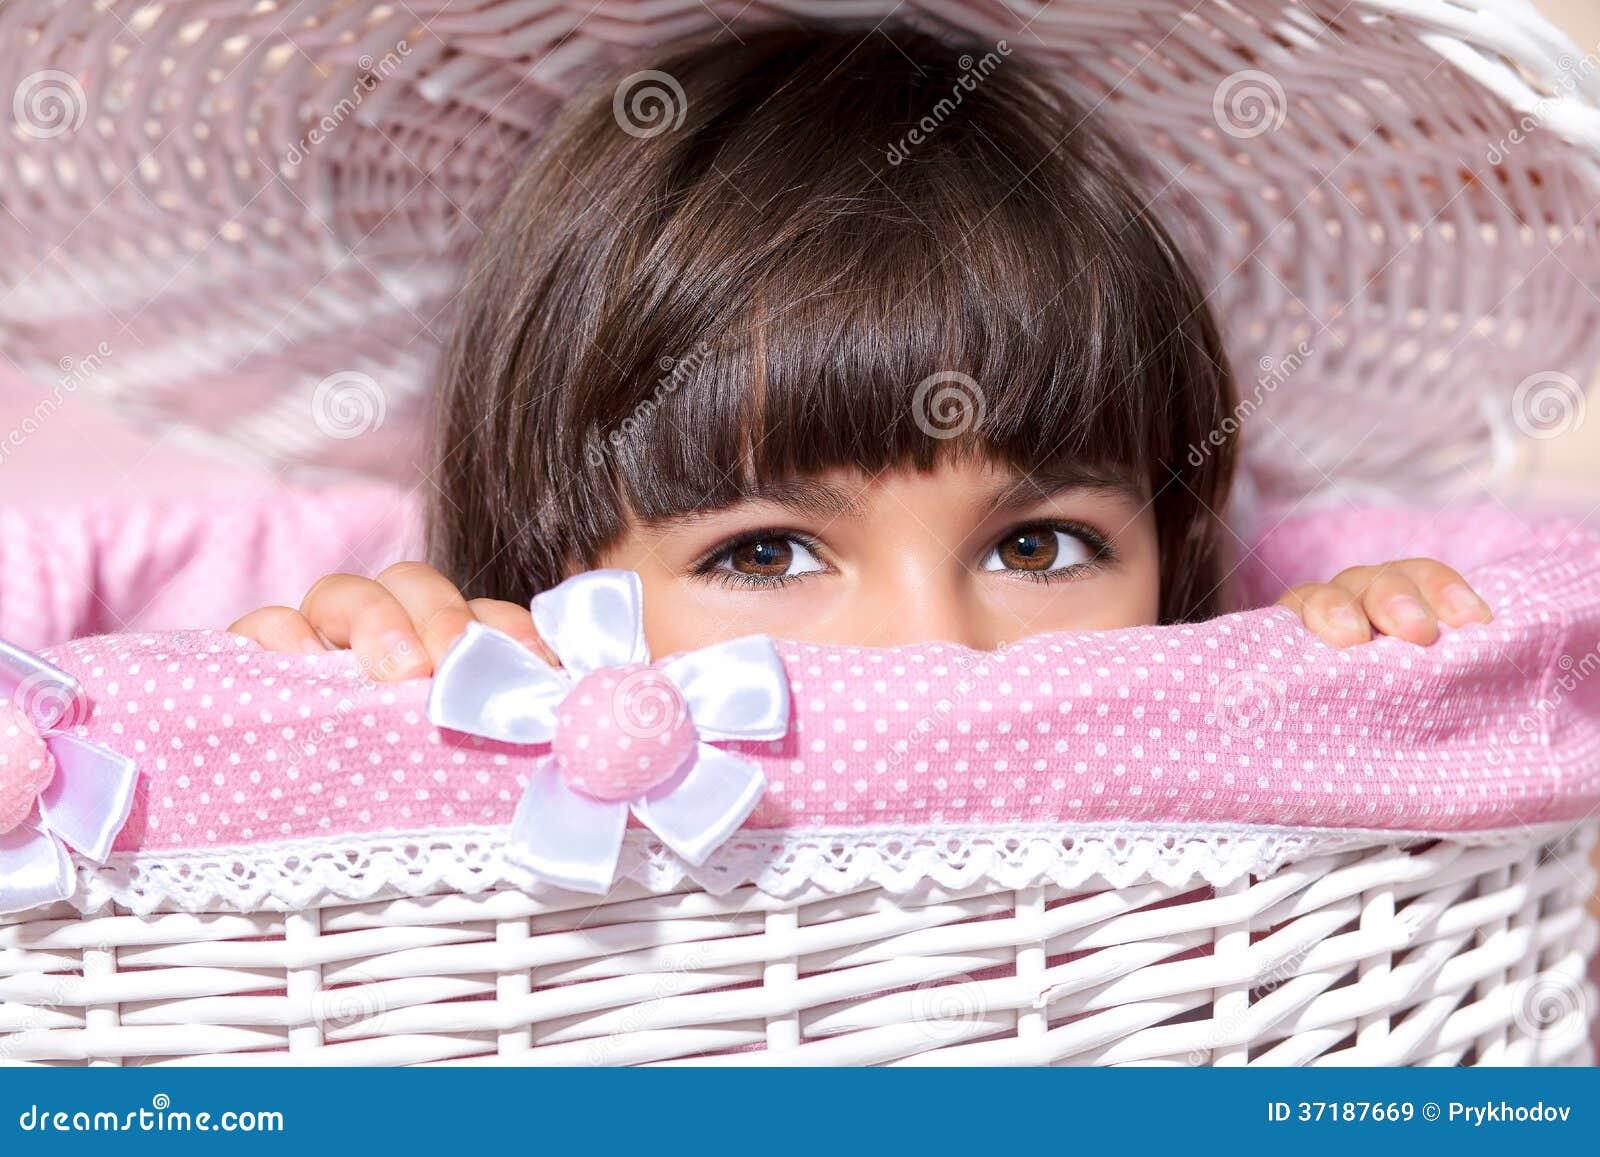 Porträt eines kleinen Mädchens mit großen Augen im rosa Raum